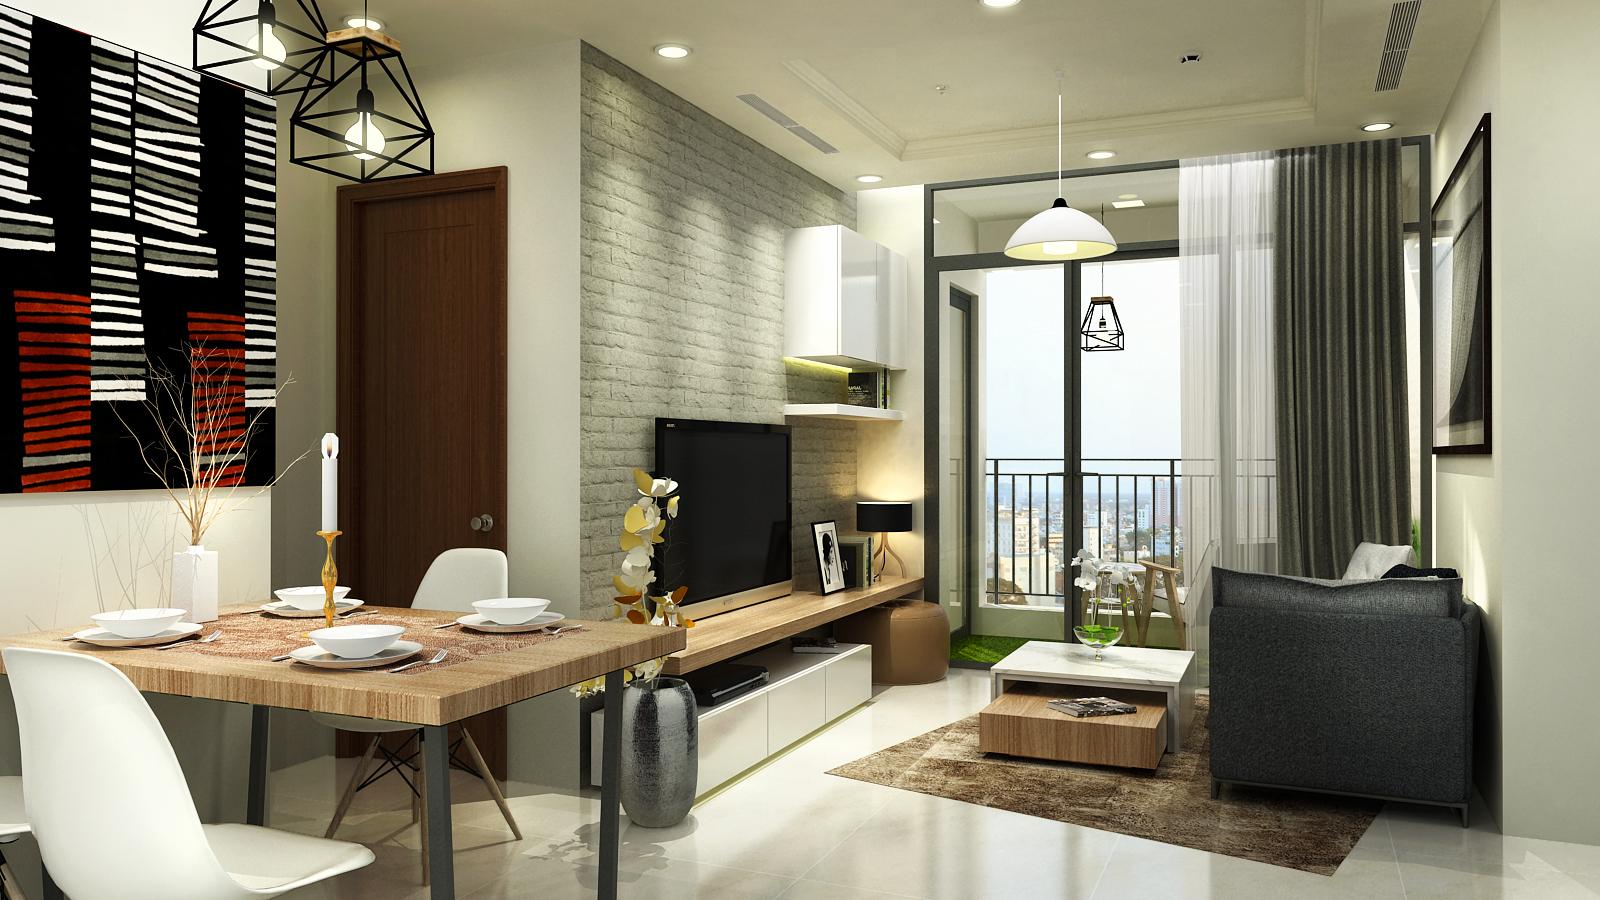 Dự án thiết kế thi công nội thất căn hộ cao cấp VinHomes Central Park